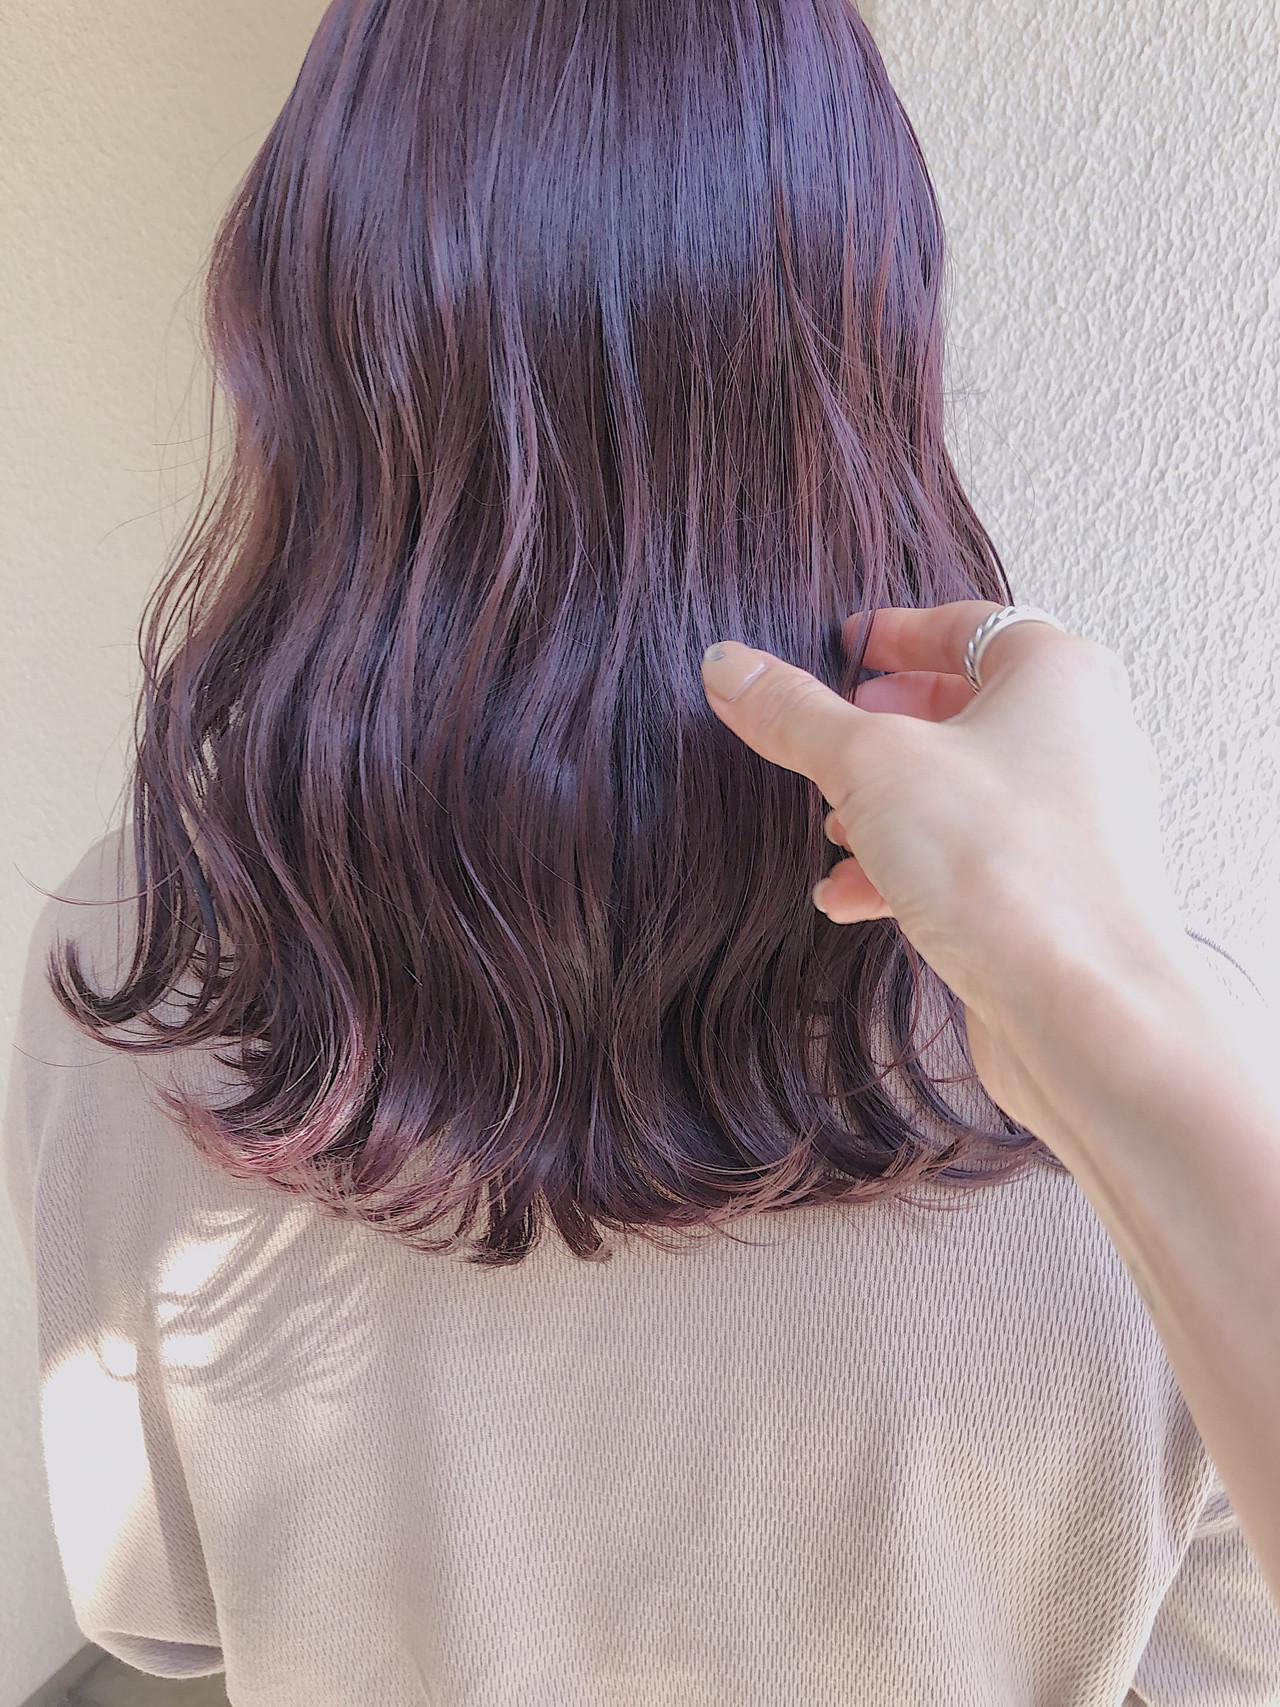 ナチュラル ミディアム ピンクラベンダー ダブルカラー ヘアスタイルや髪型の写真・画像 | ニシムラ カナ / La familia